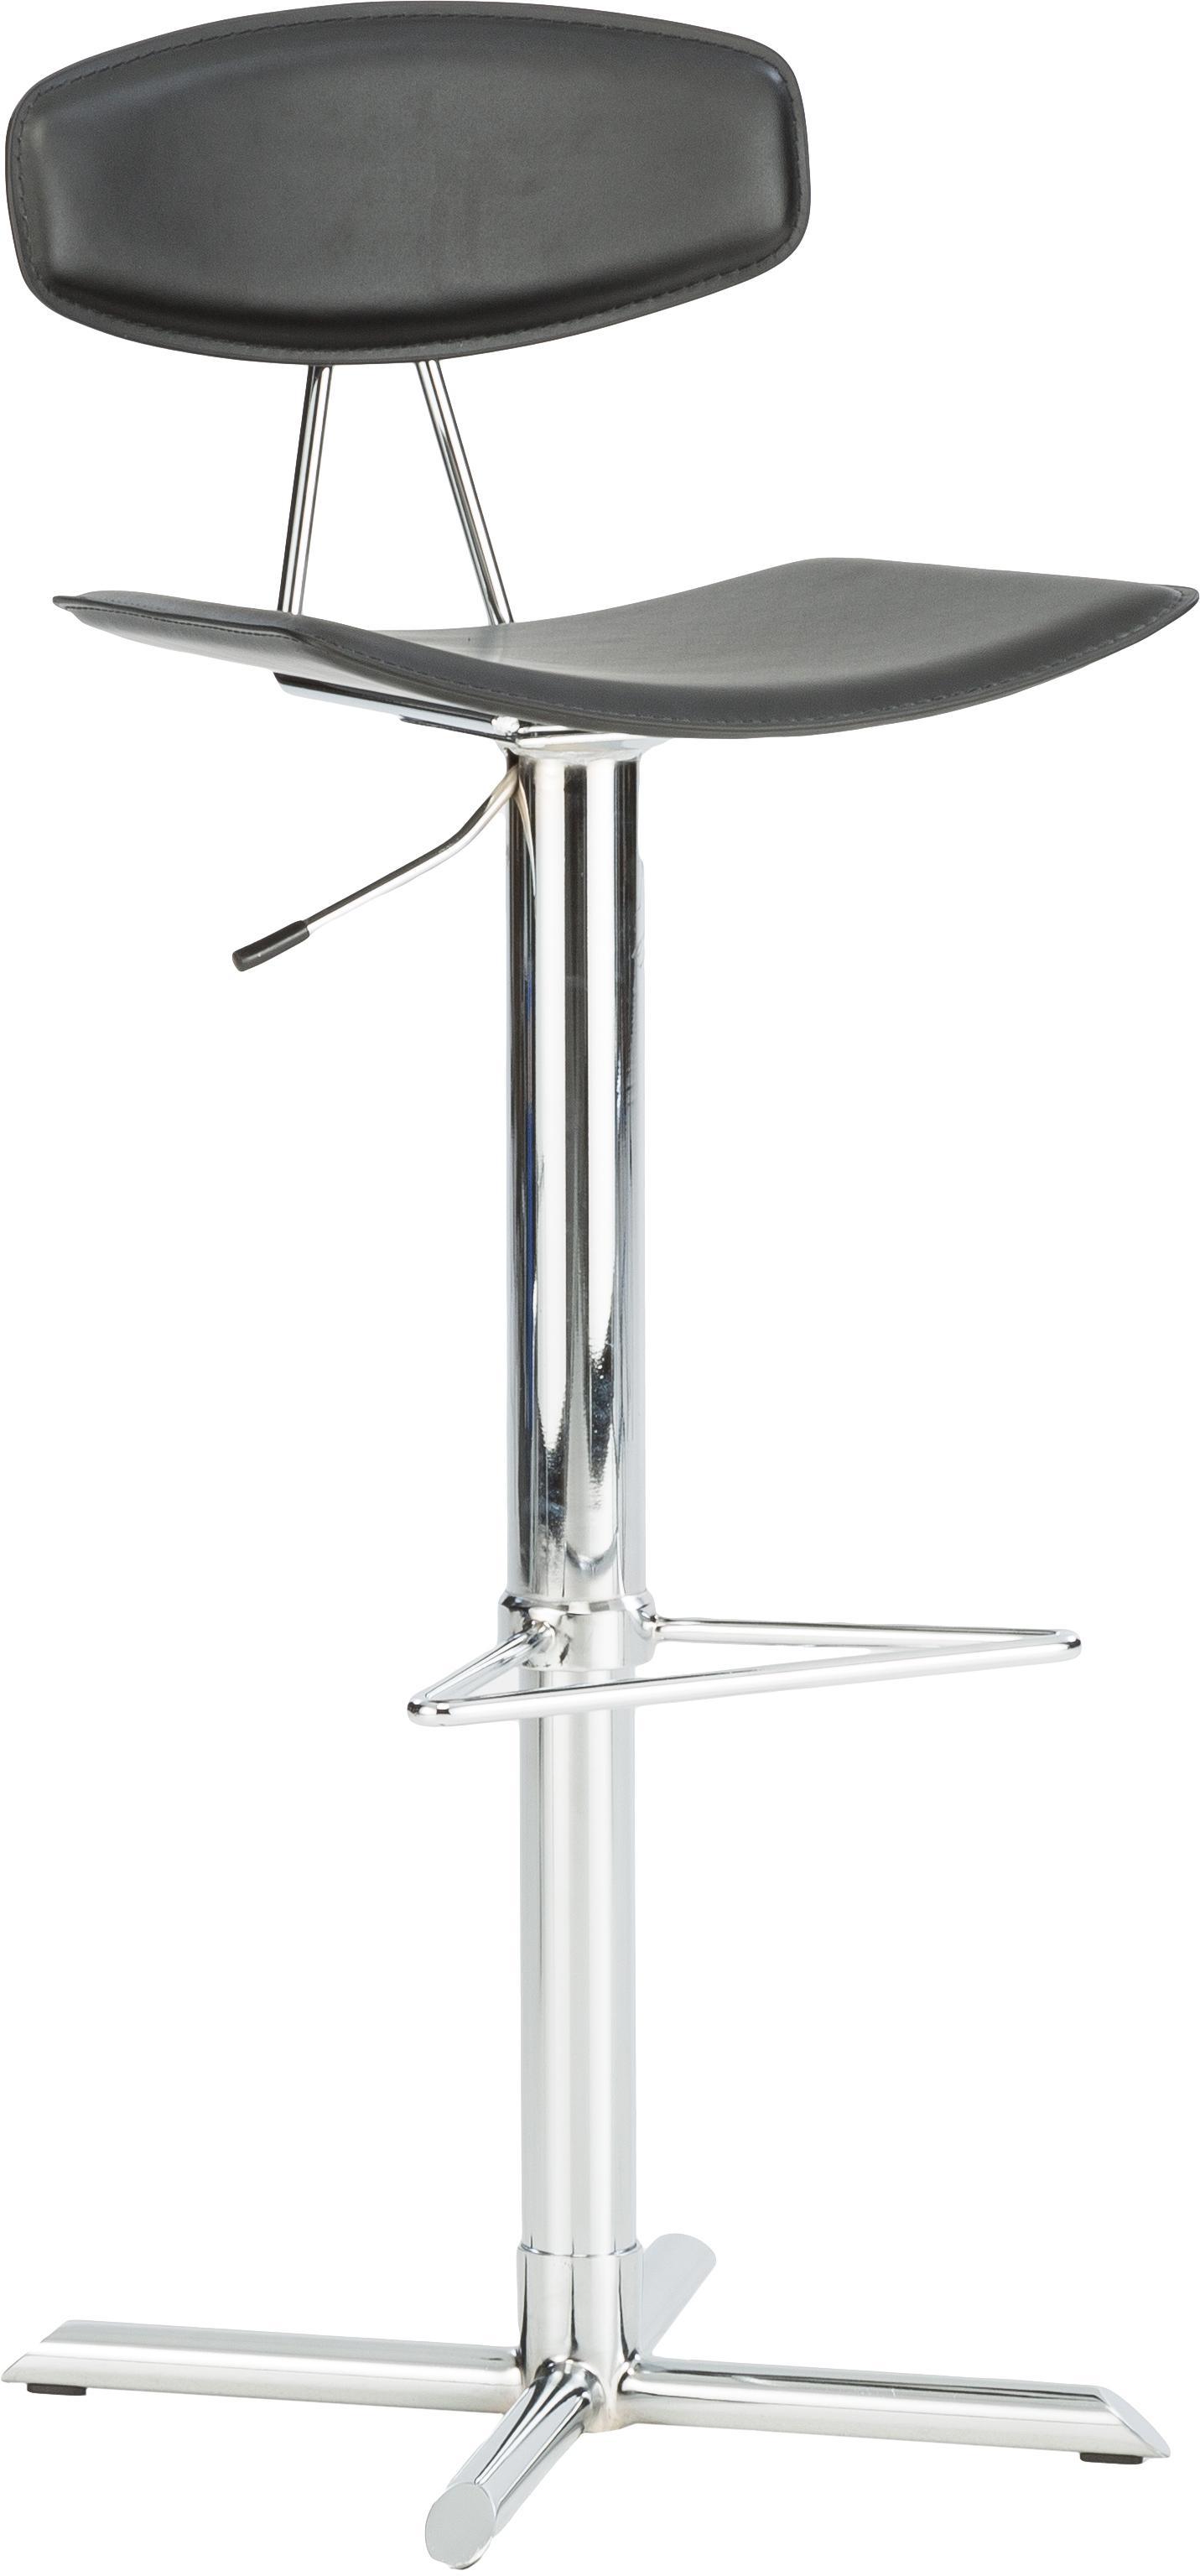 Krzesło barowe  Oulu, Tapicerka: skóra oprawiona, Nogi: metal chromowany, Czarny, metal chromowany, 43 x 103 cm